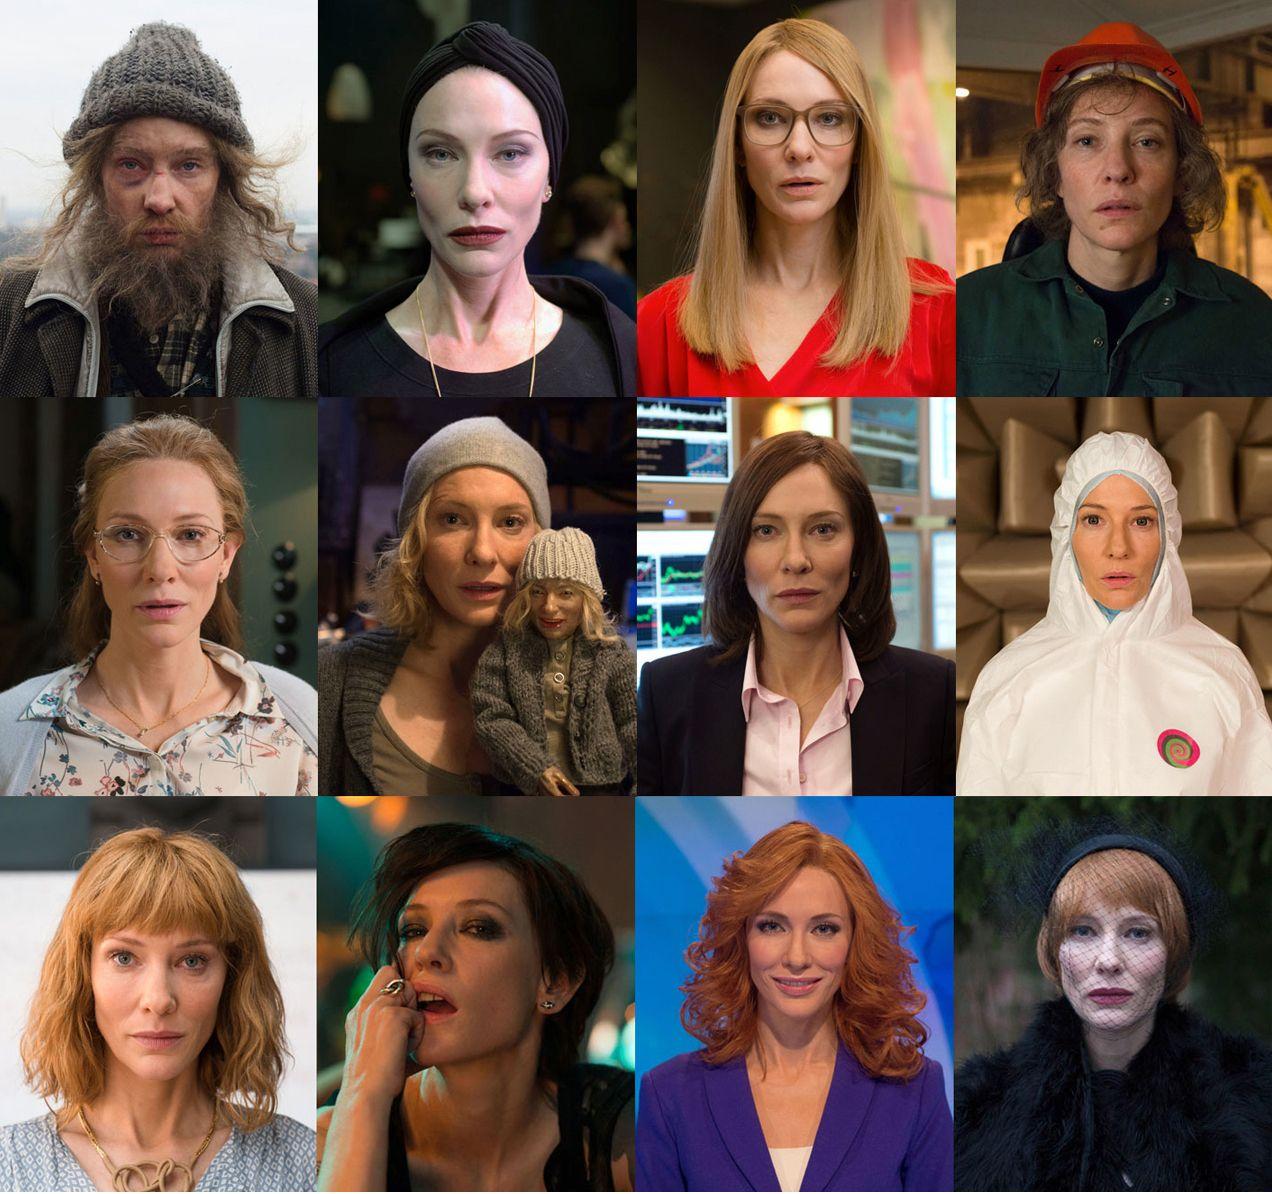 The Chameleonic Cate Blanchett Brings 20th Century Art Manifestos To Life Cate Blanchett Art Manifesto Manifesto Cate Blanchett